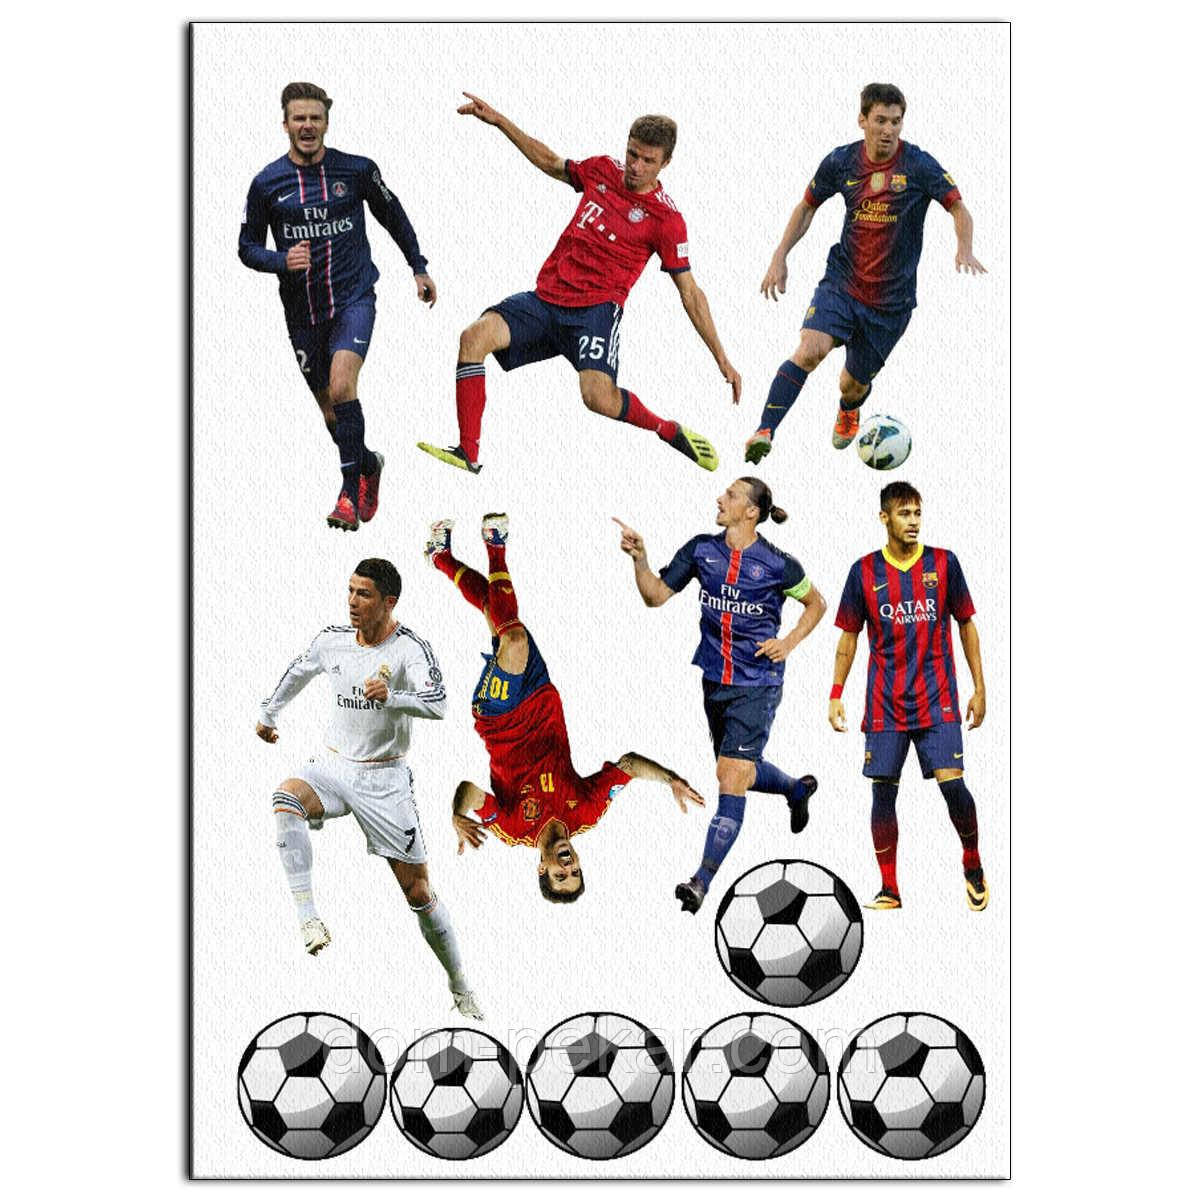 Футболисты вафельная картинка